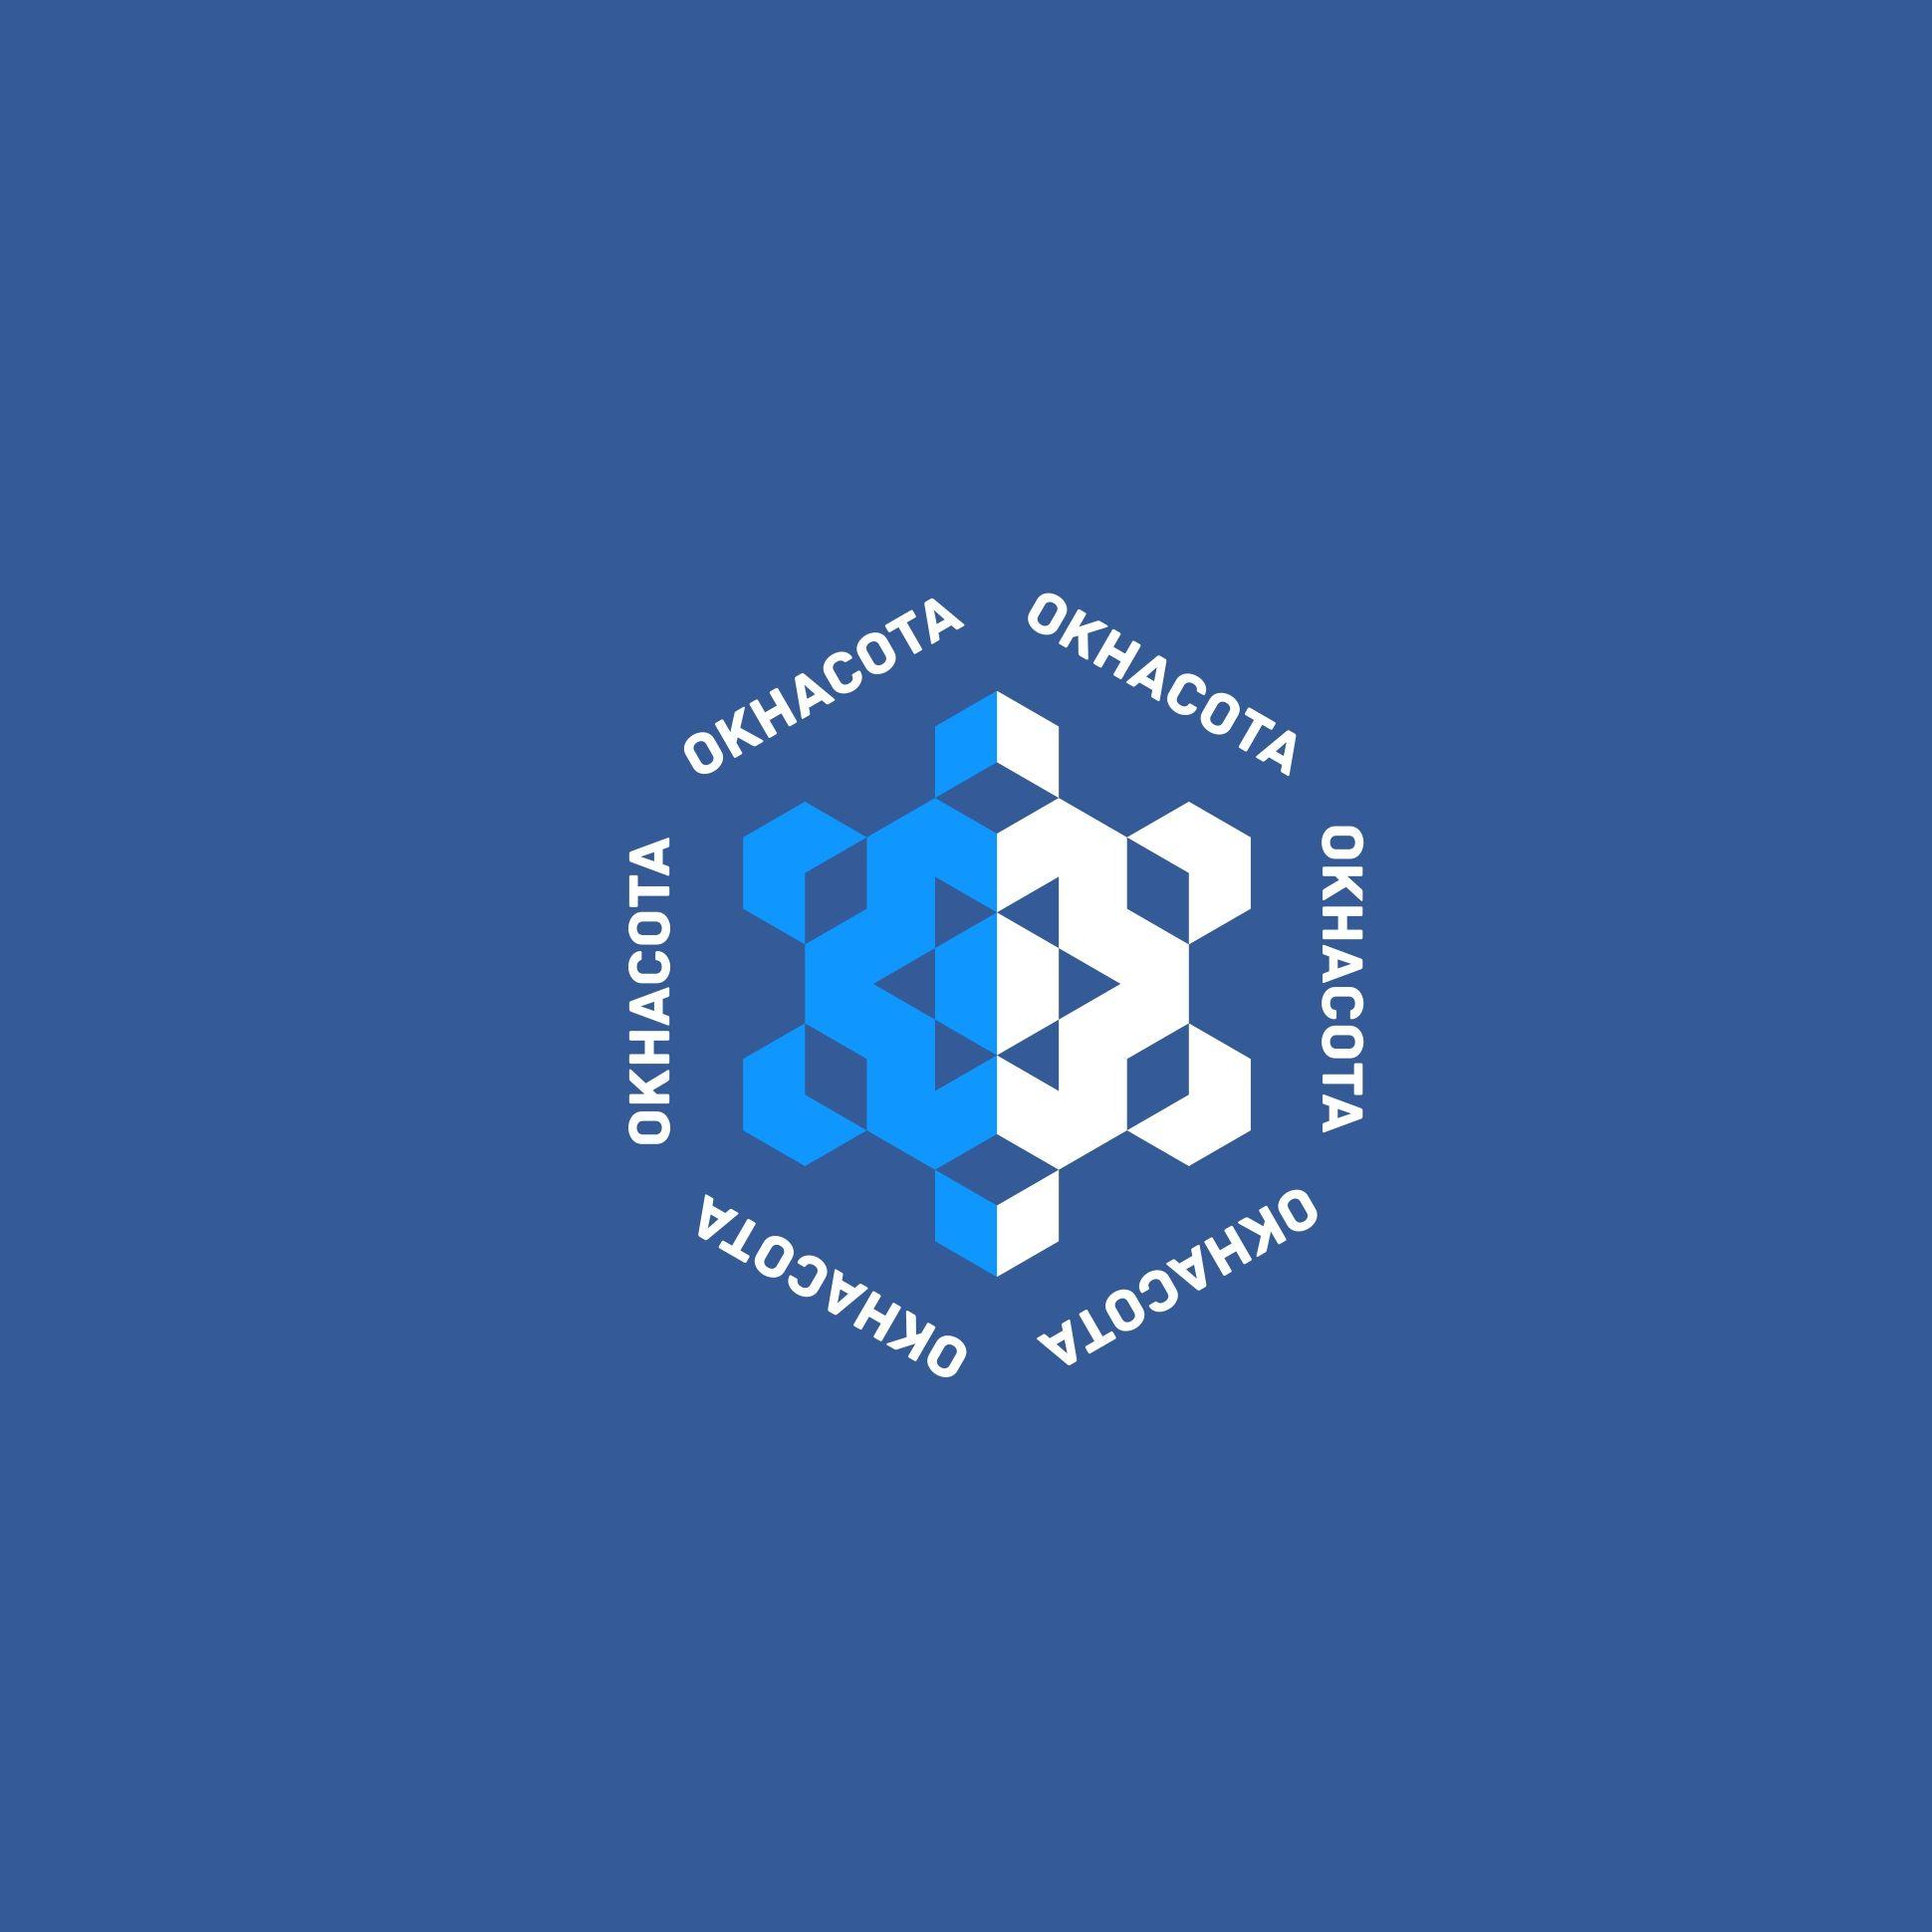 Логотип для ОКНАСОТА - дизайнер AnatoliyInvito